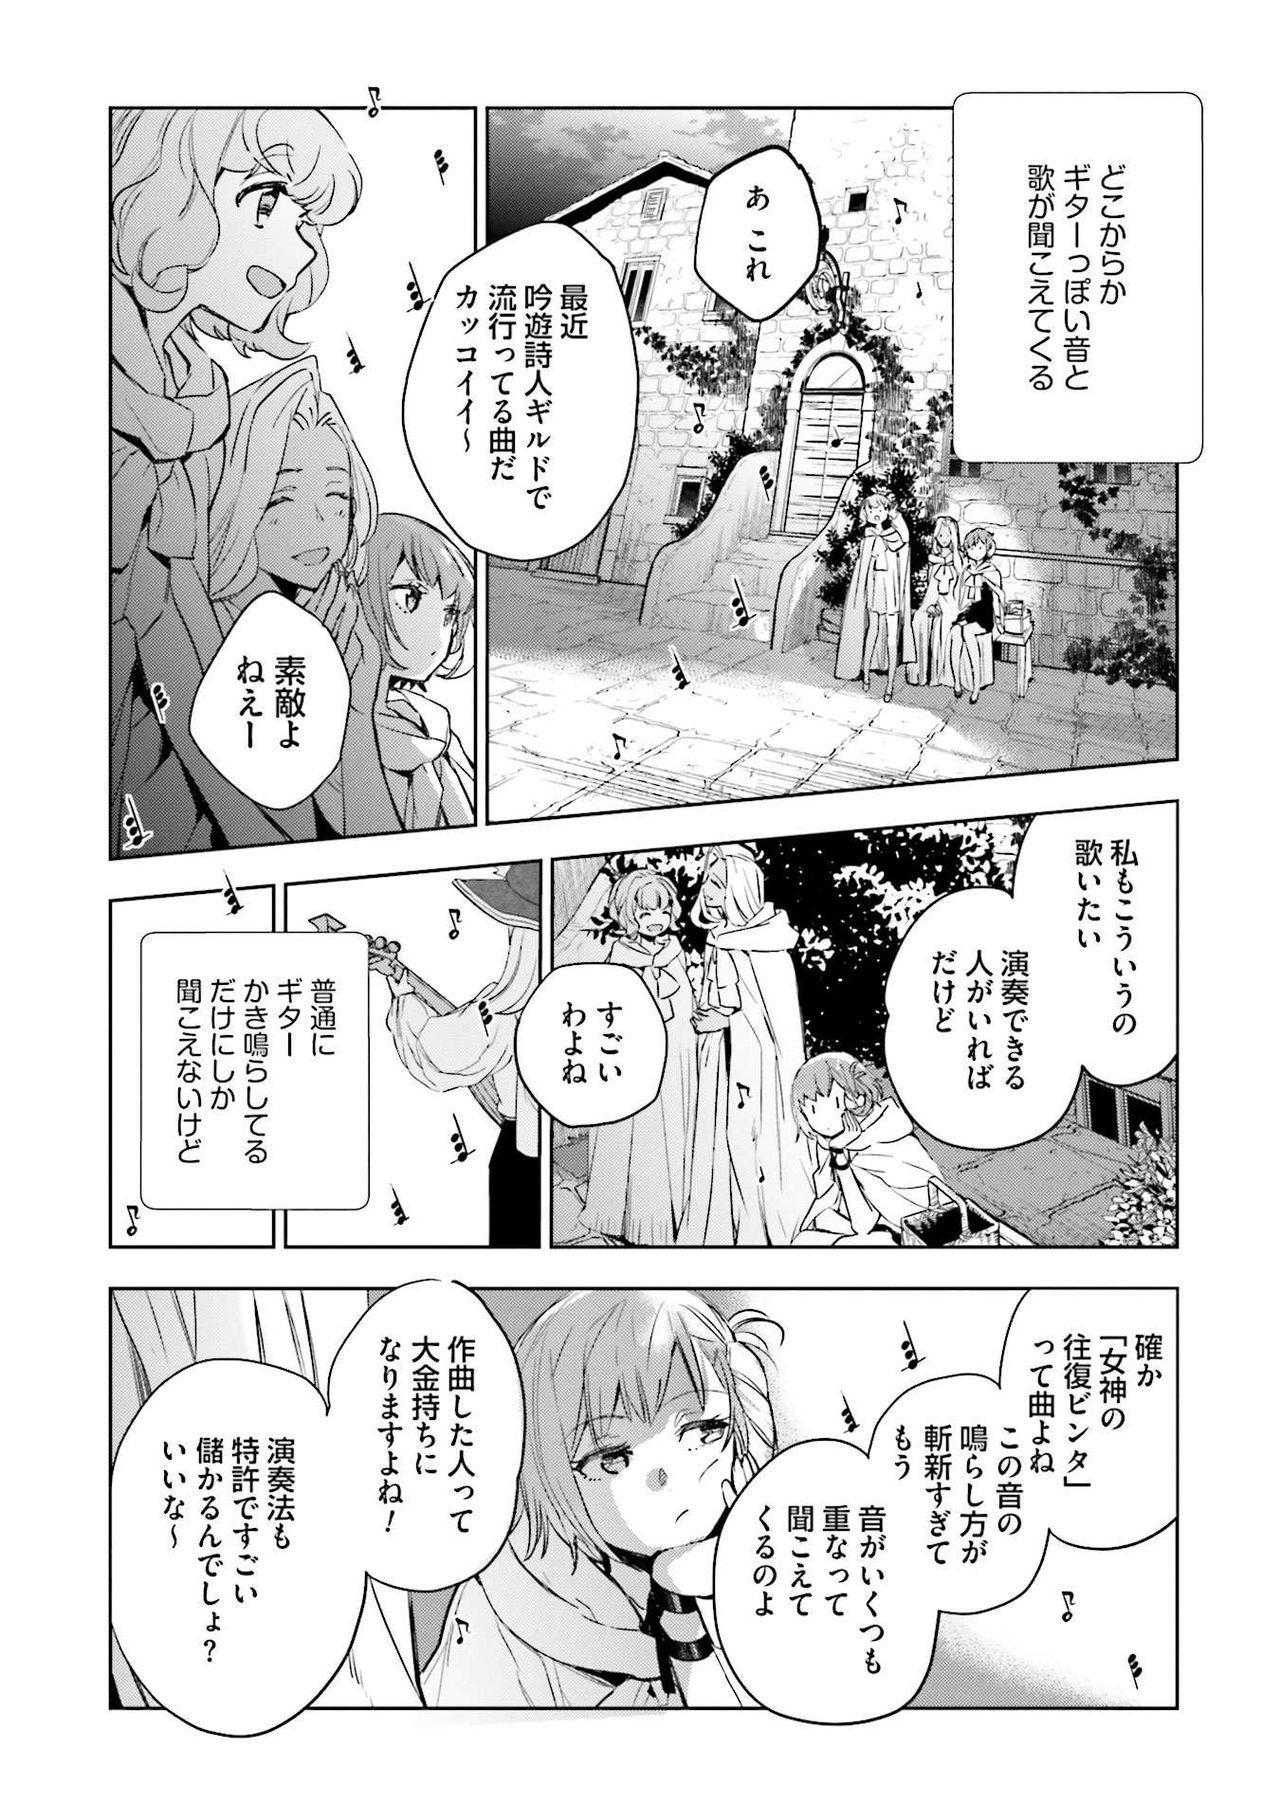 JK Haru wa Isekai de Shoufu ni Natta 1-14 130